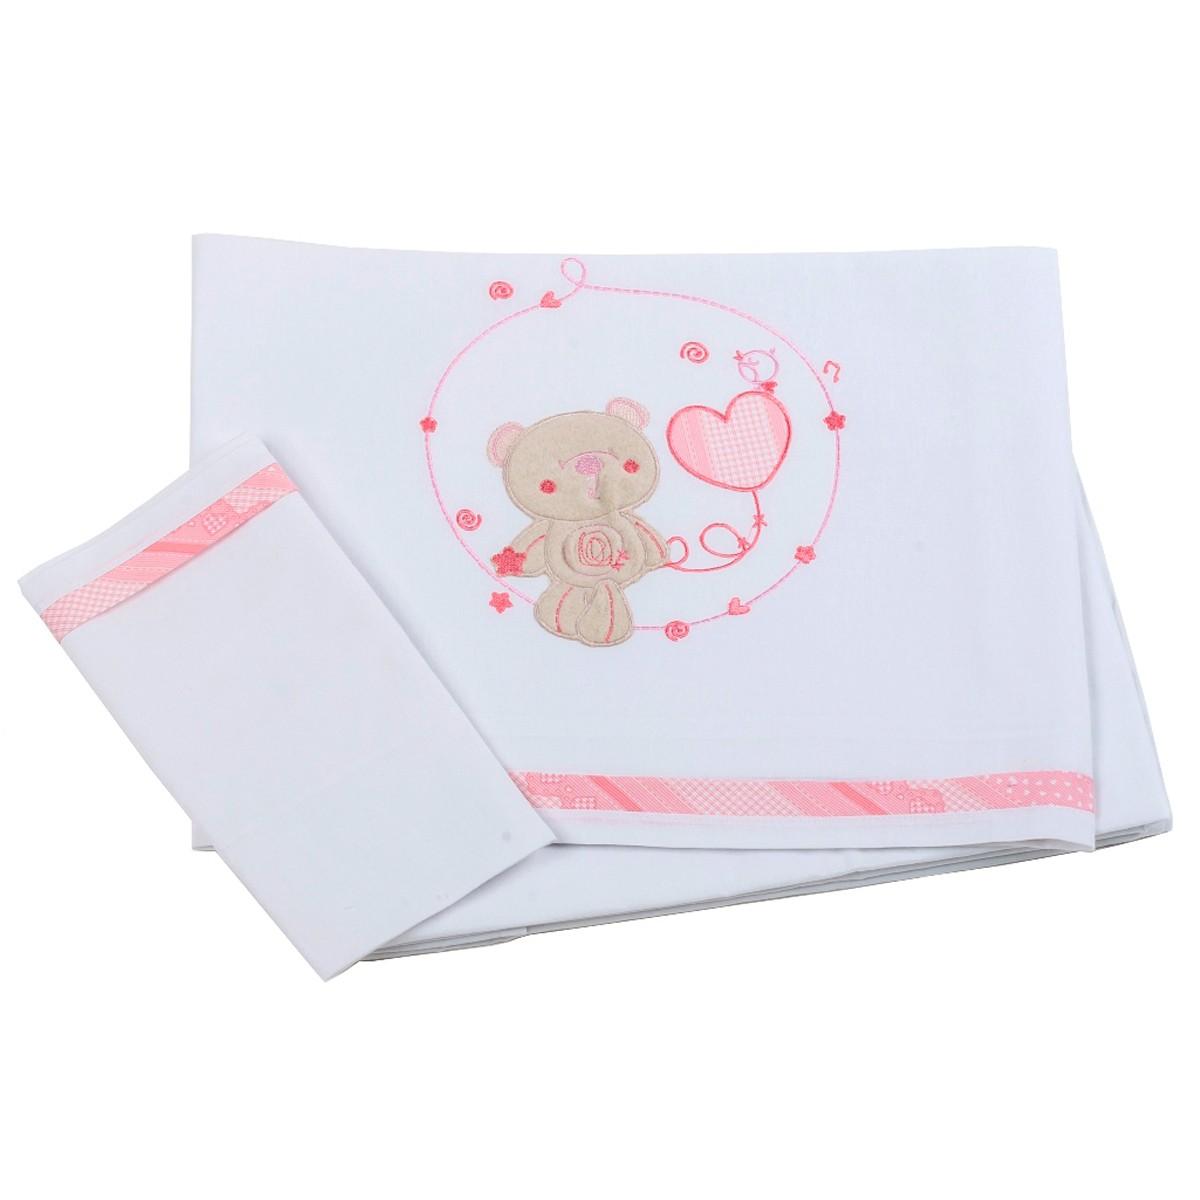 Σεντόνια Κούνιας (Σετ) Κόσμος Του Μωρού Heart 0275 Ροζ